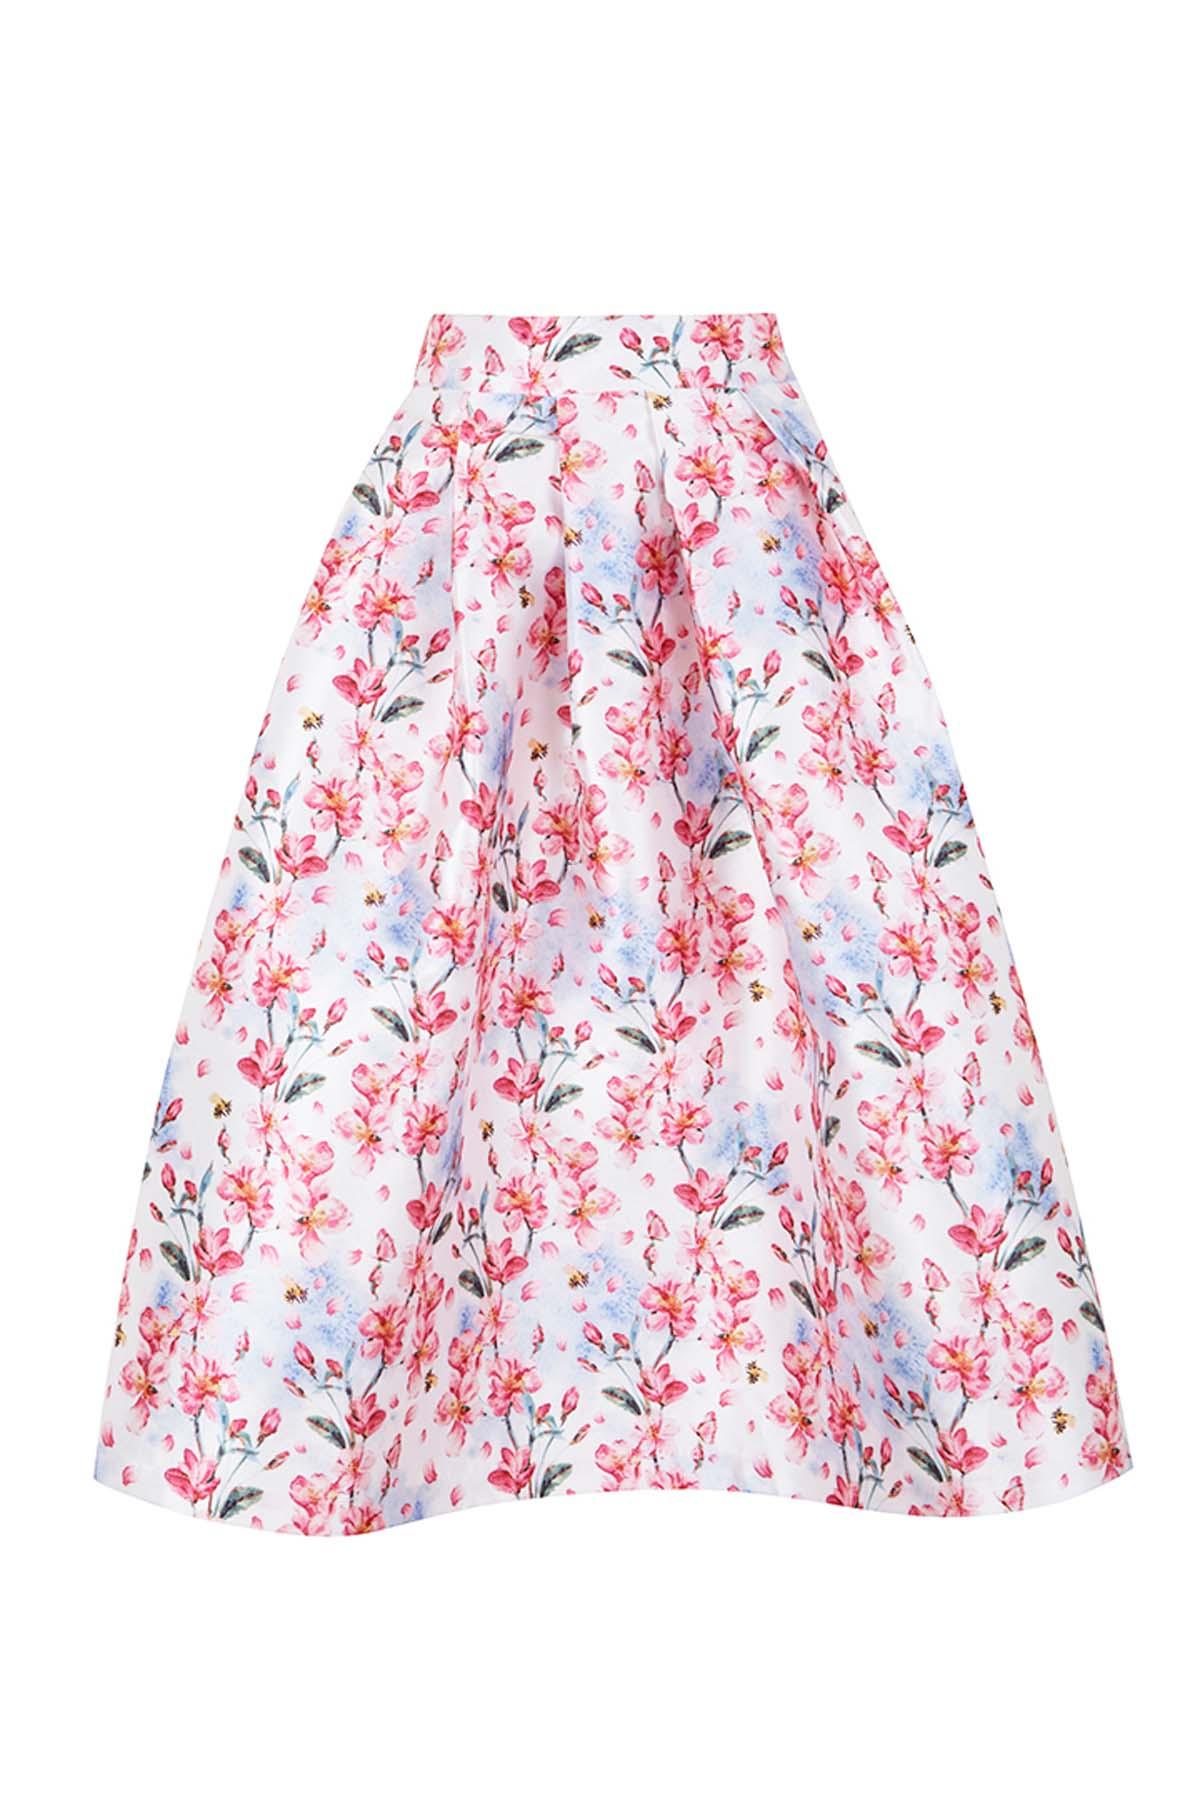 Teria Yabar - Falda de vuelo con print floral